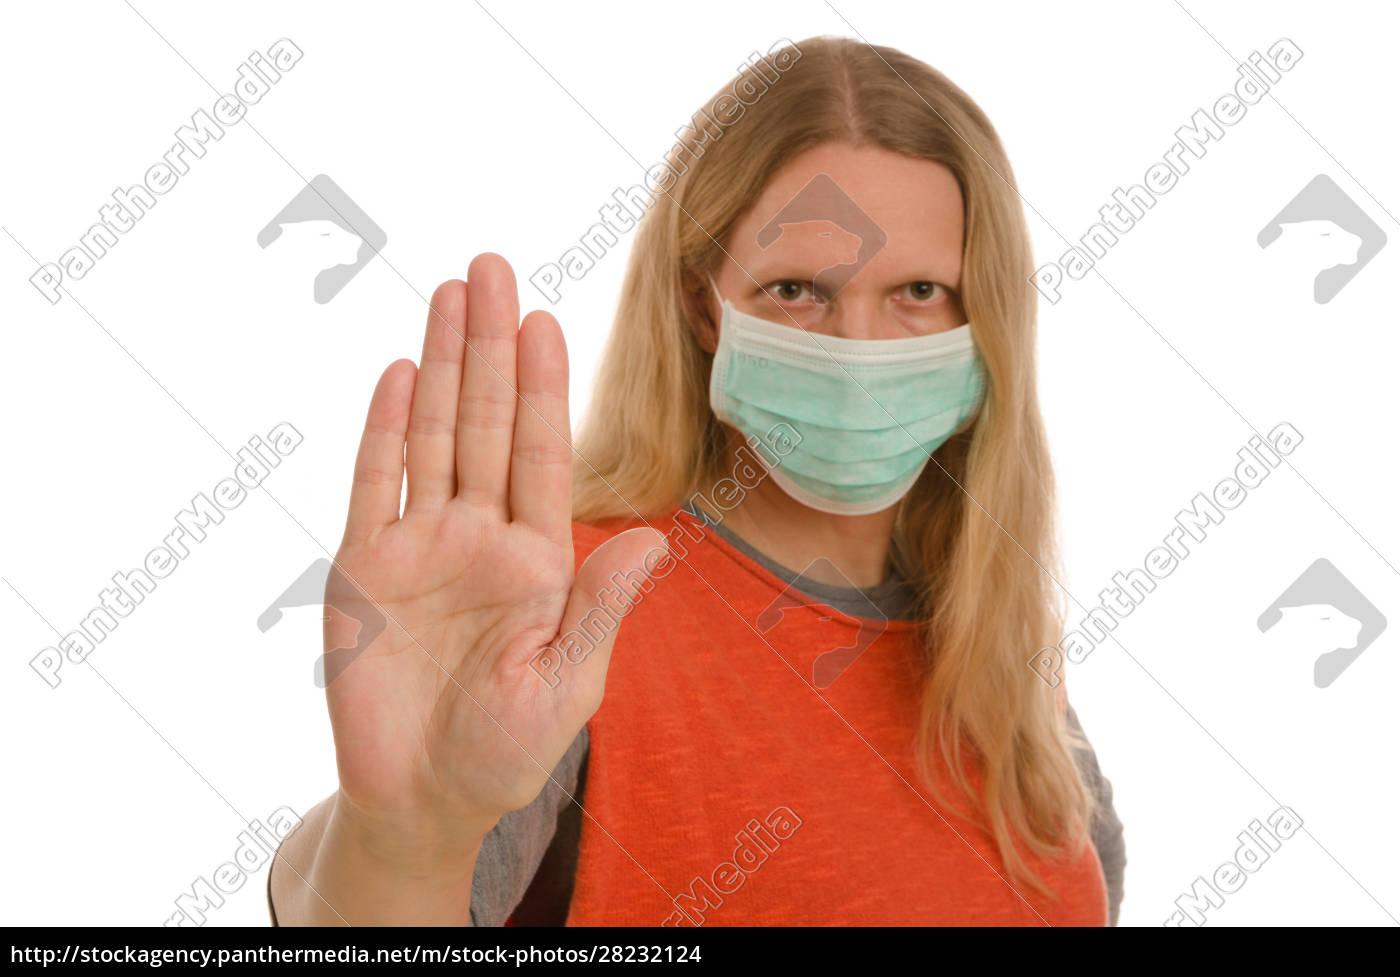 kobieta, z, ochroną, jamy, ustnej, i - 28232124